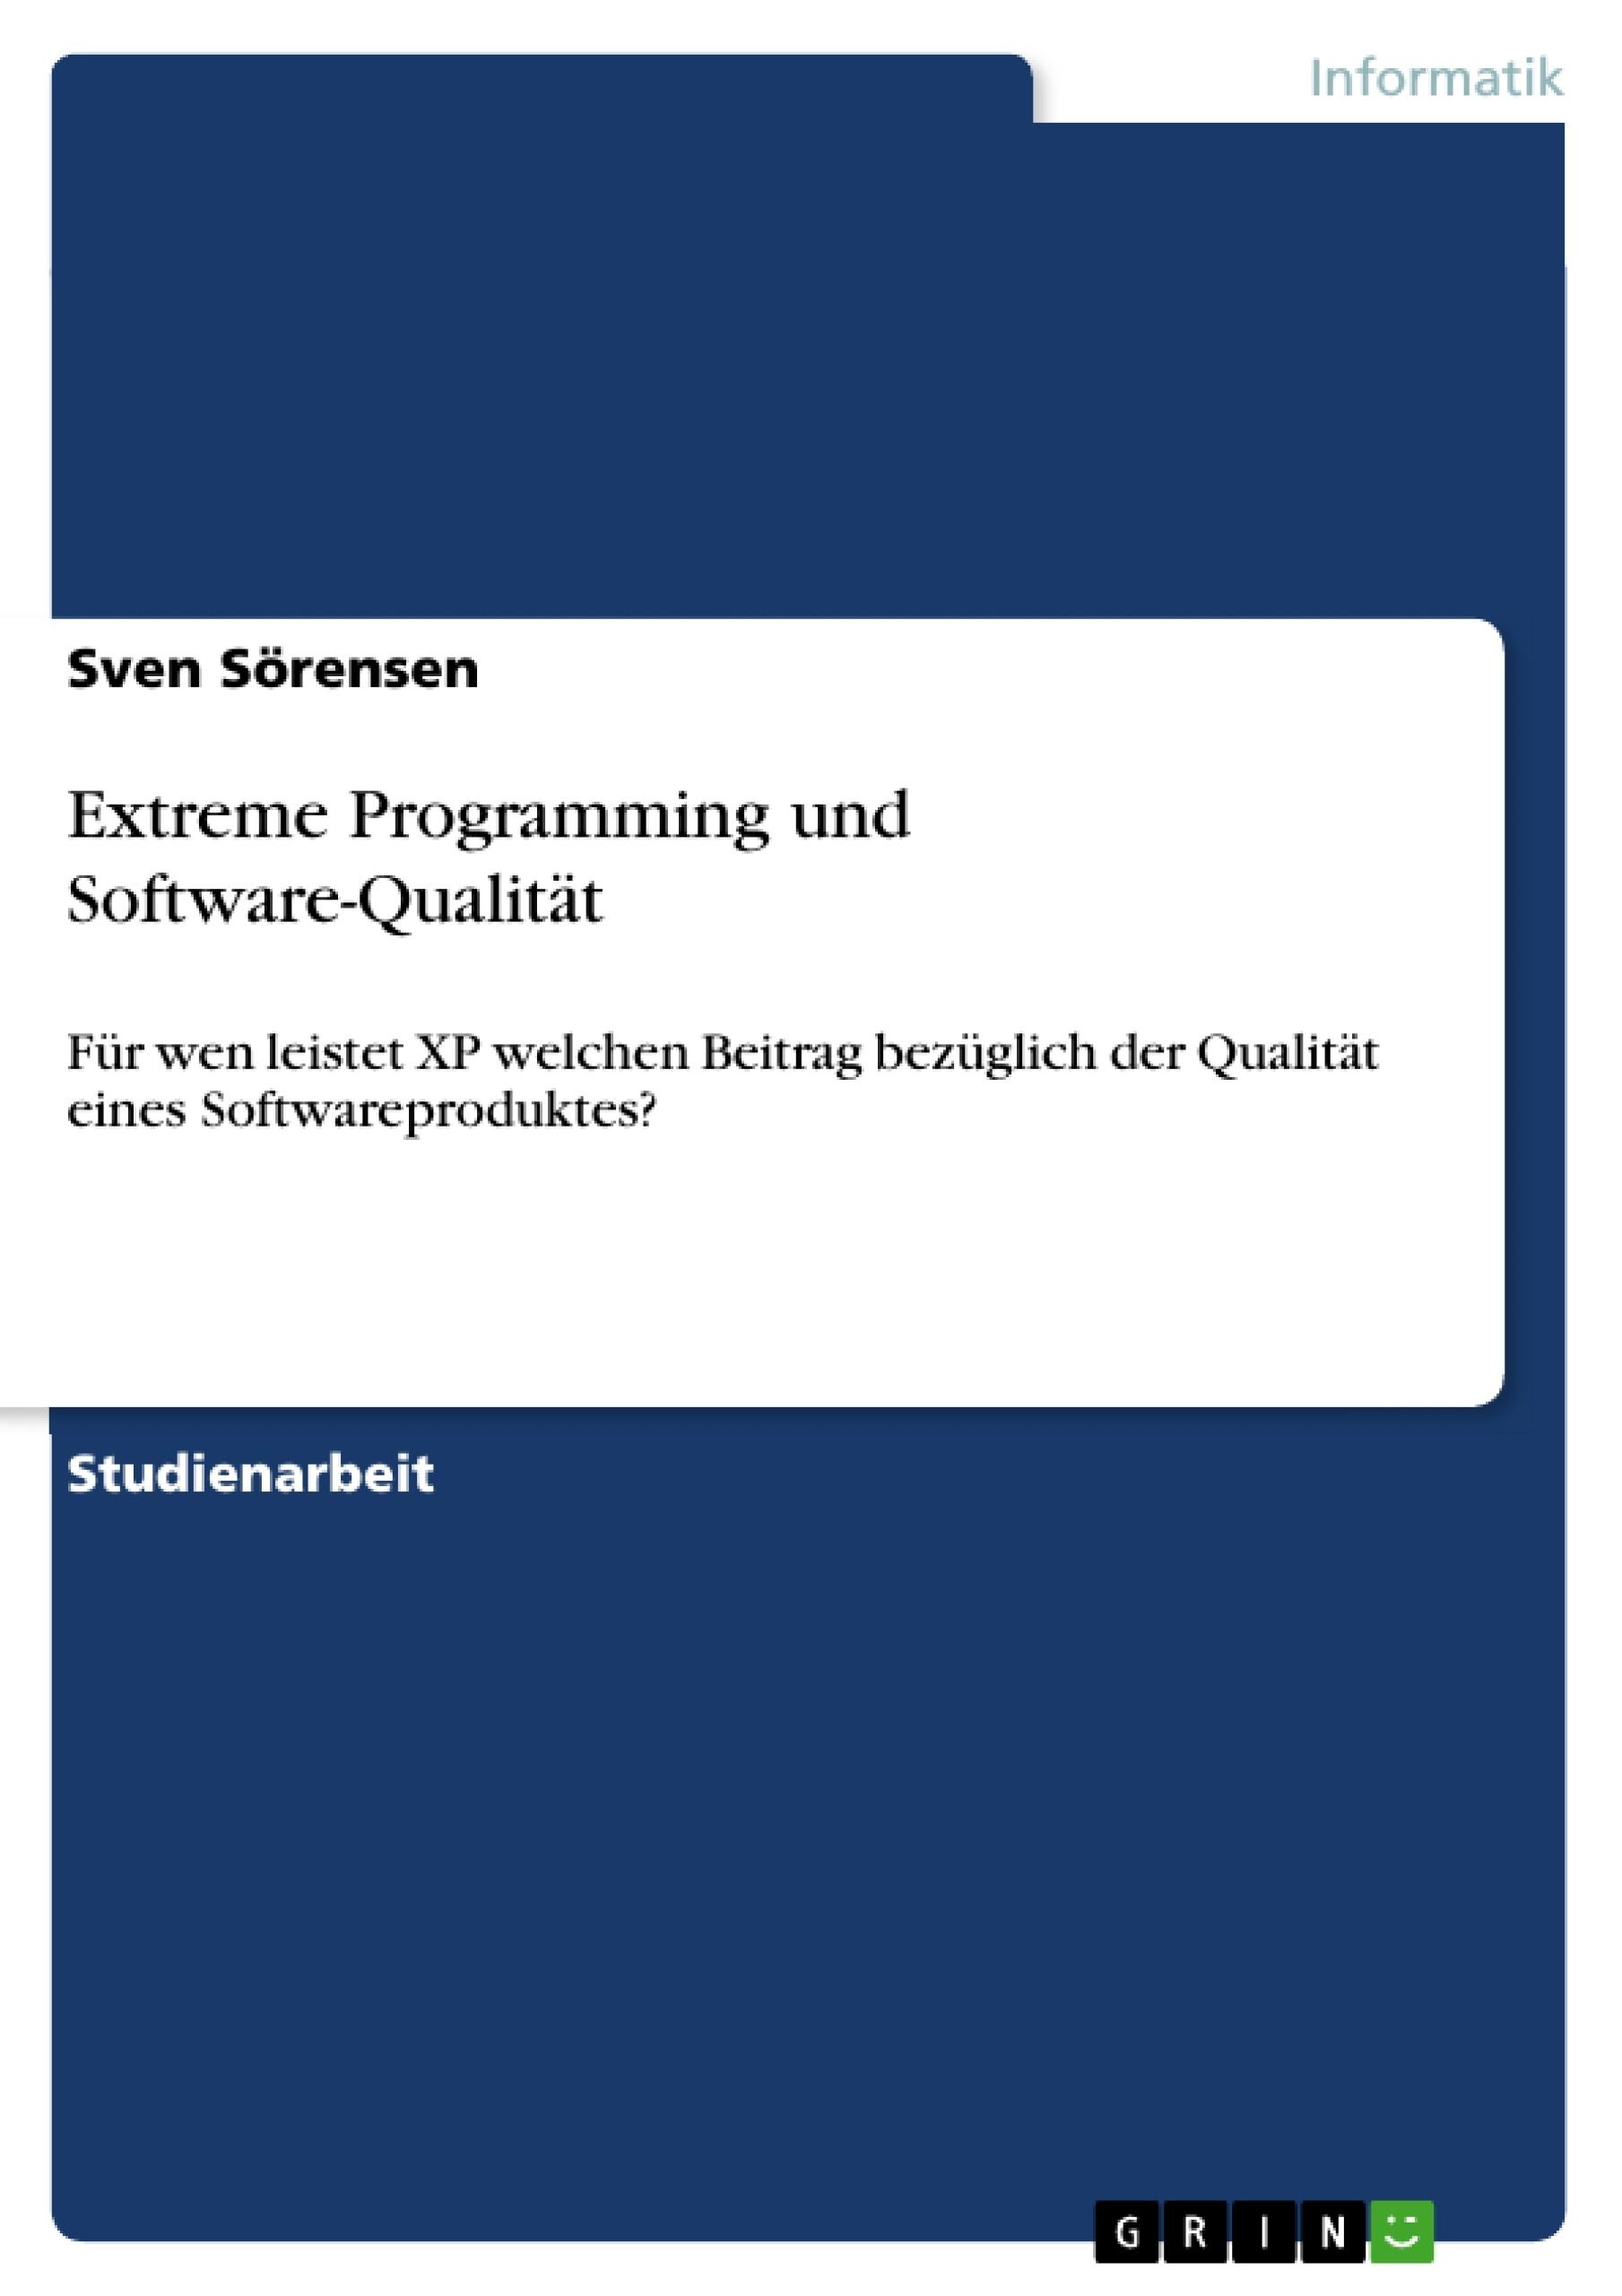 Titel: Extreme Programming und Software-Qualität